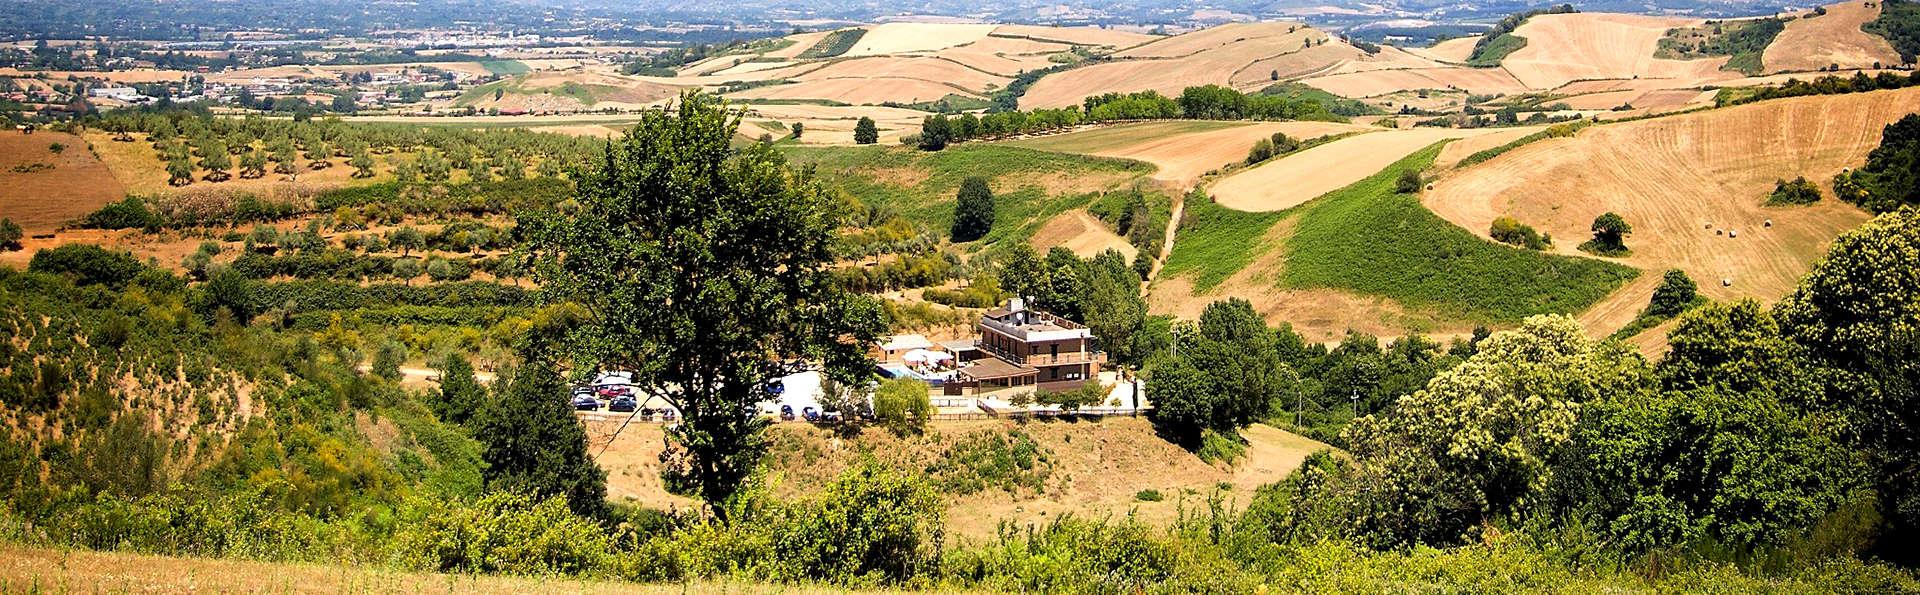 Paix, détente et nature dans un fantastique gîte rural près de Castelli Romani